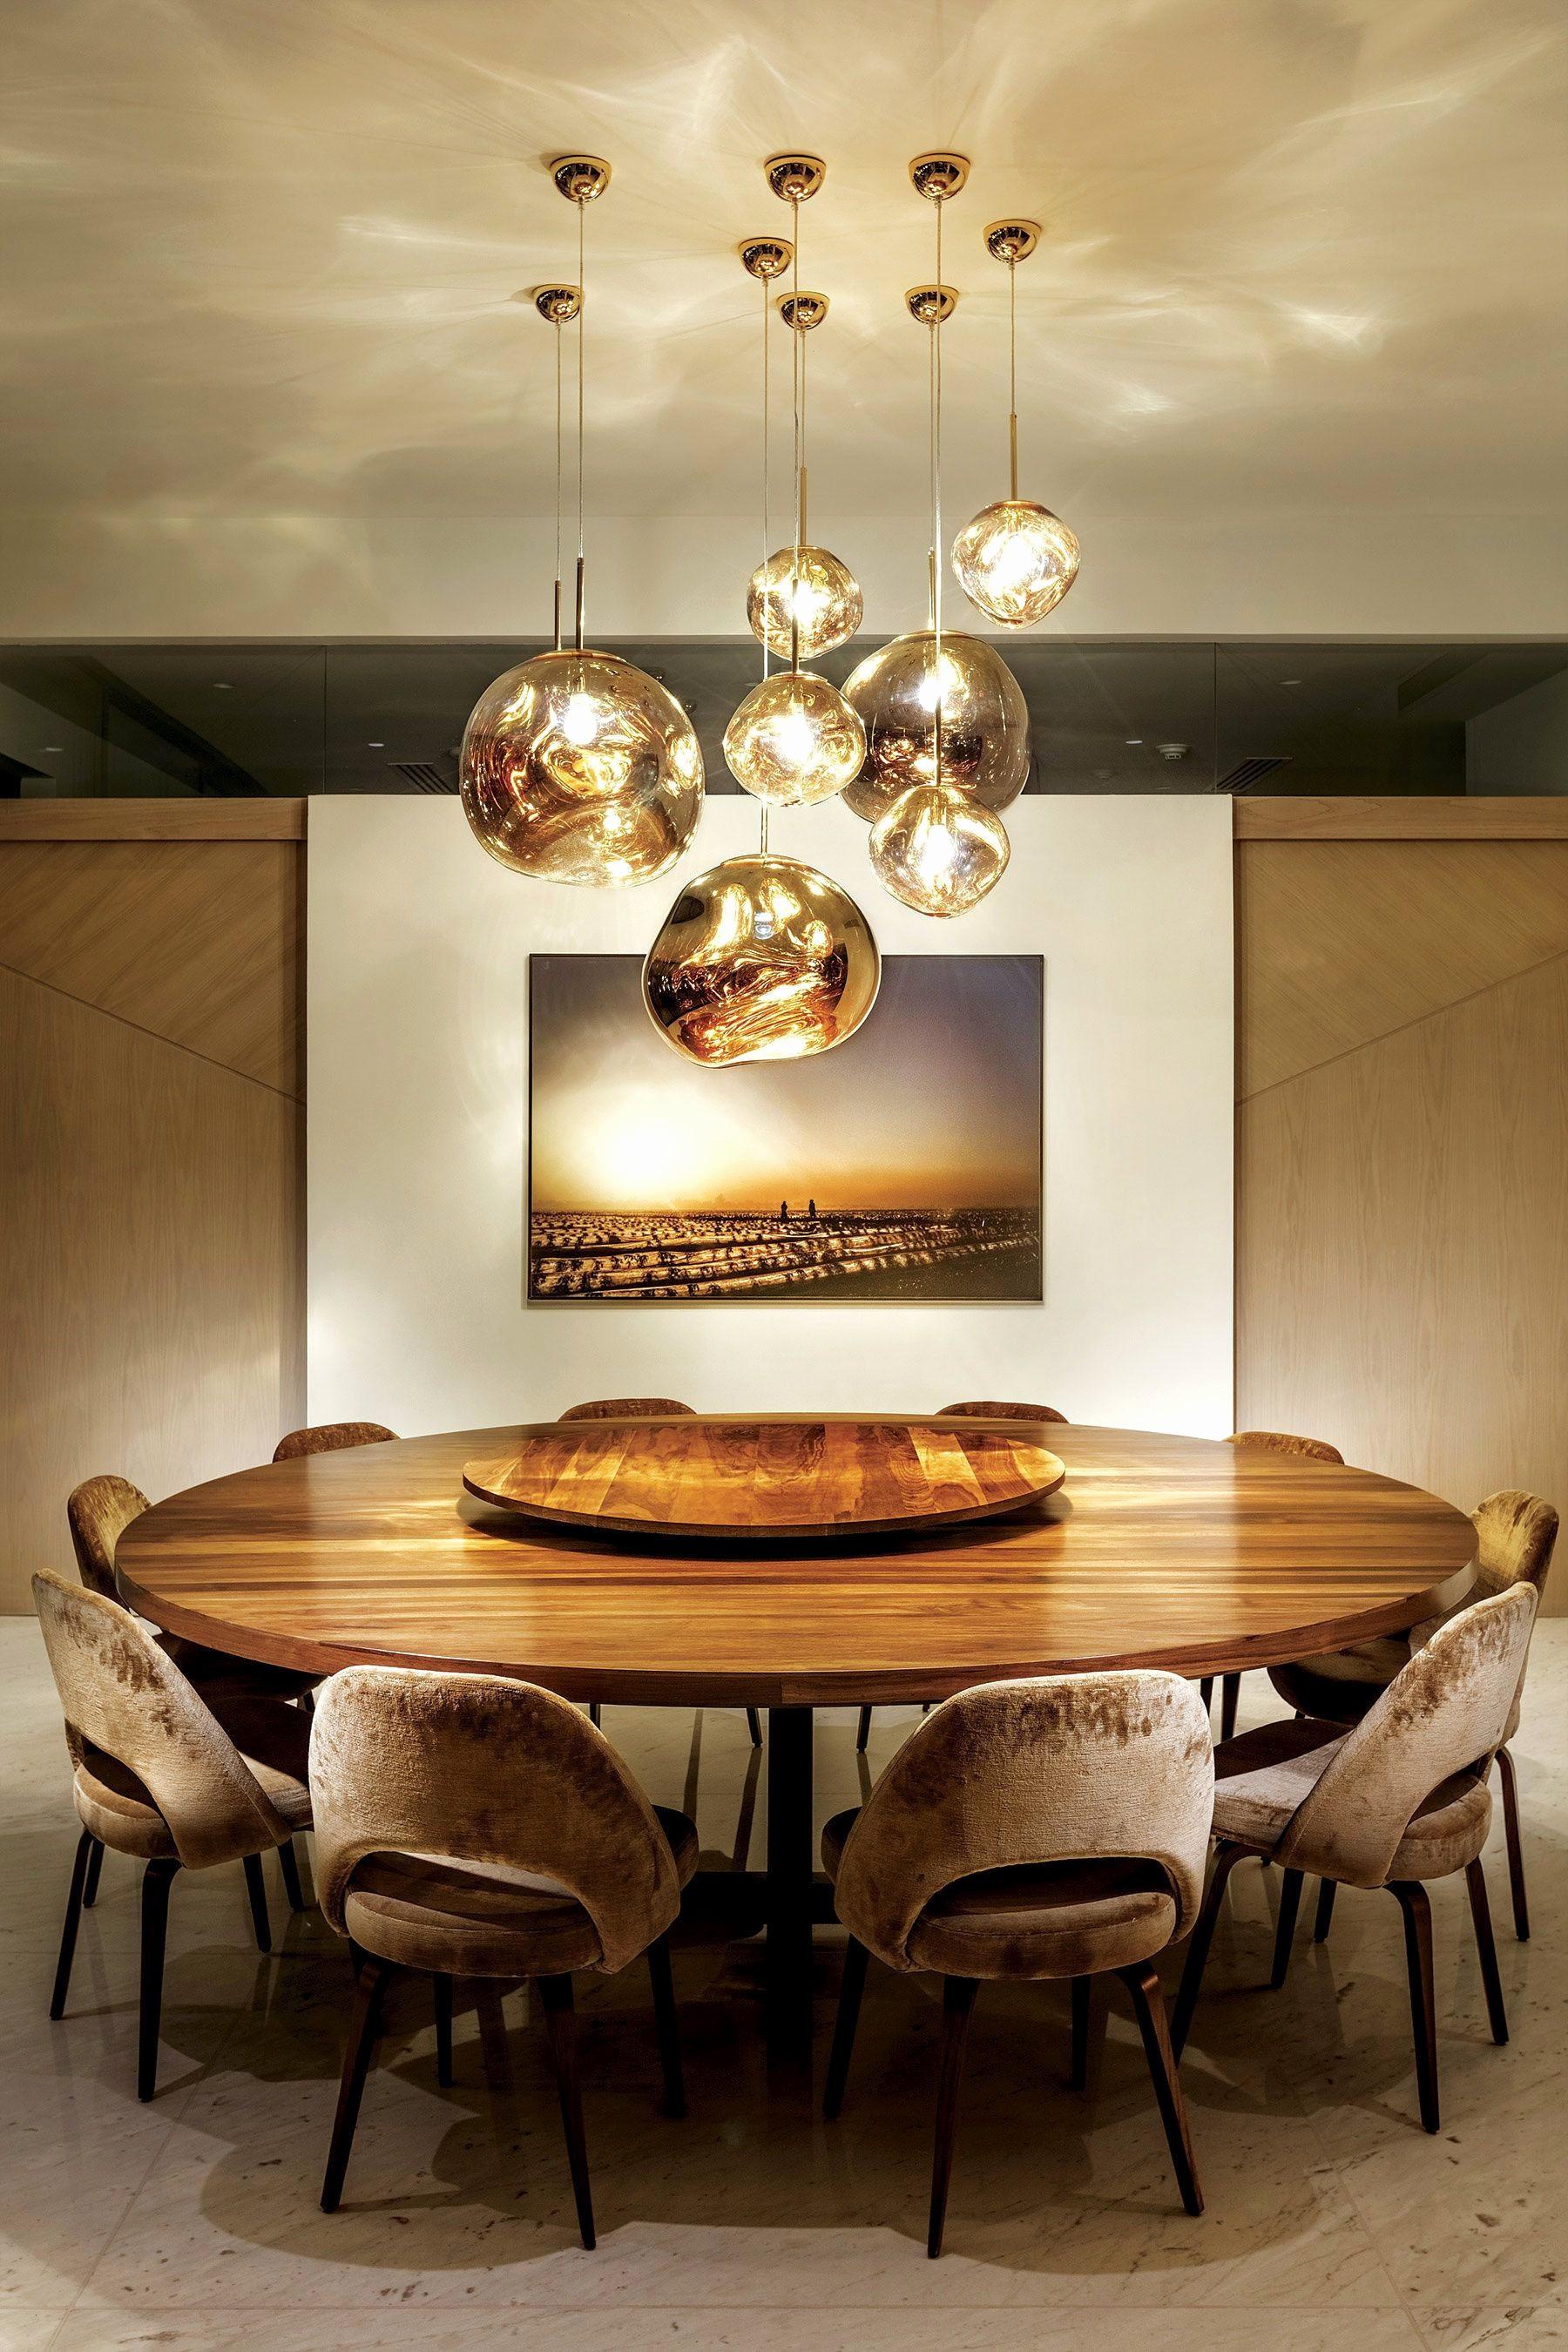 Led Indoor Outdoor Lights Popular Houzz Lighting Fixtures Lighting 0d · Chandeliers for Dining Room